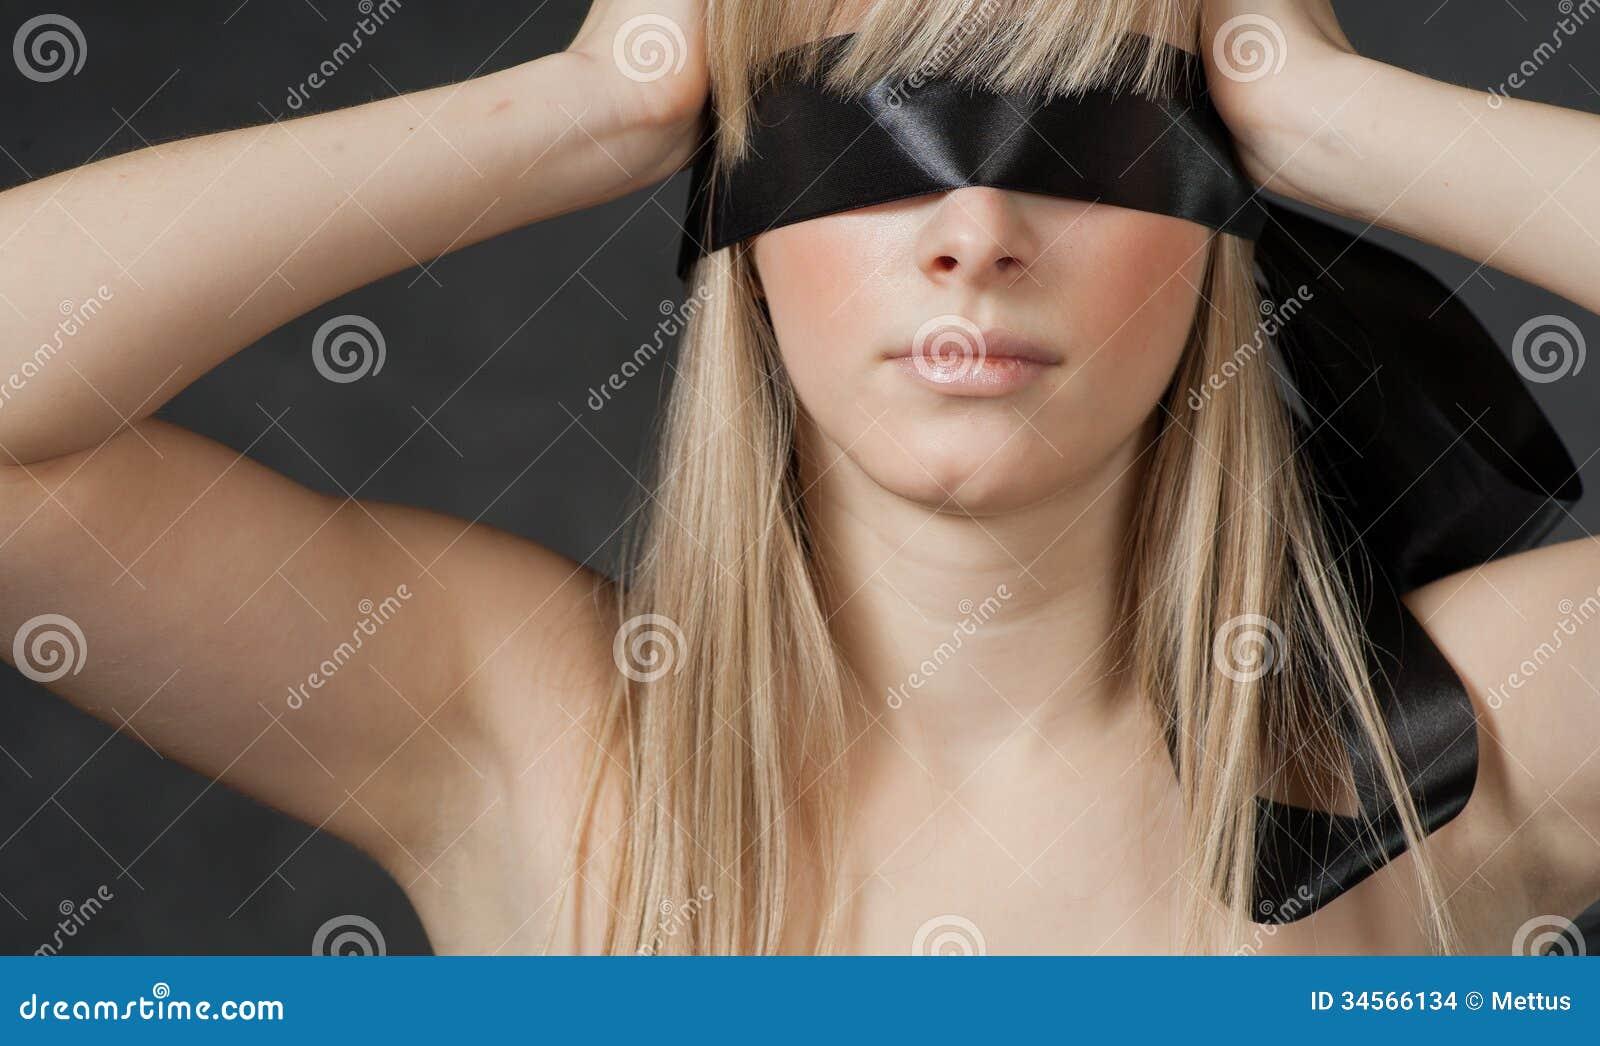 У девушки завязаны глаза, Тонкости занятия любовью с завязанными 27 фотография